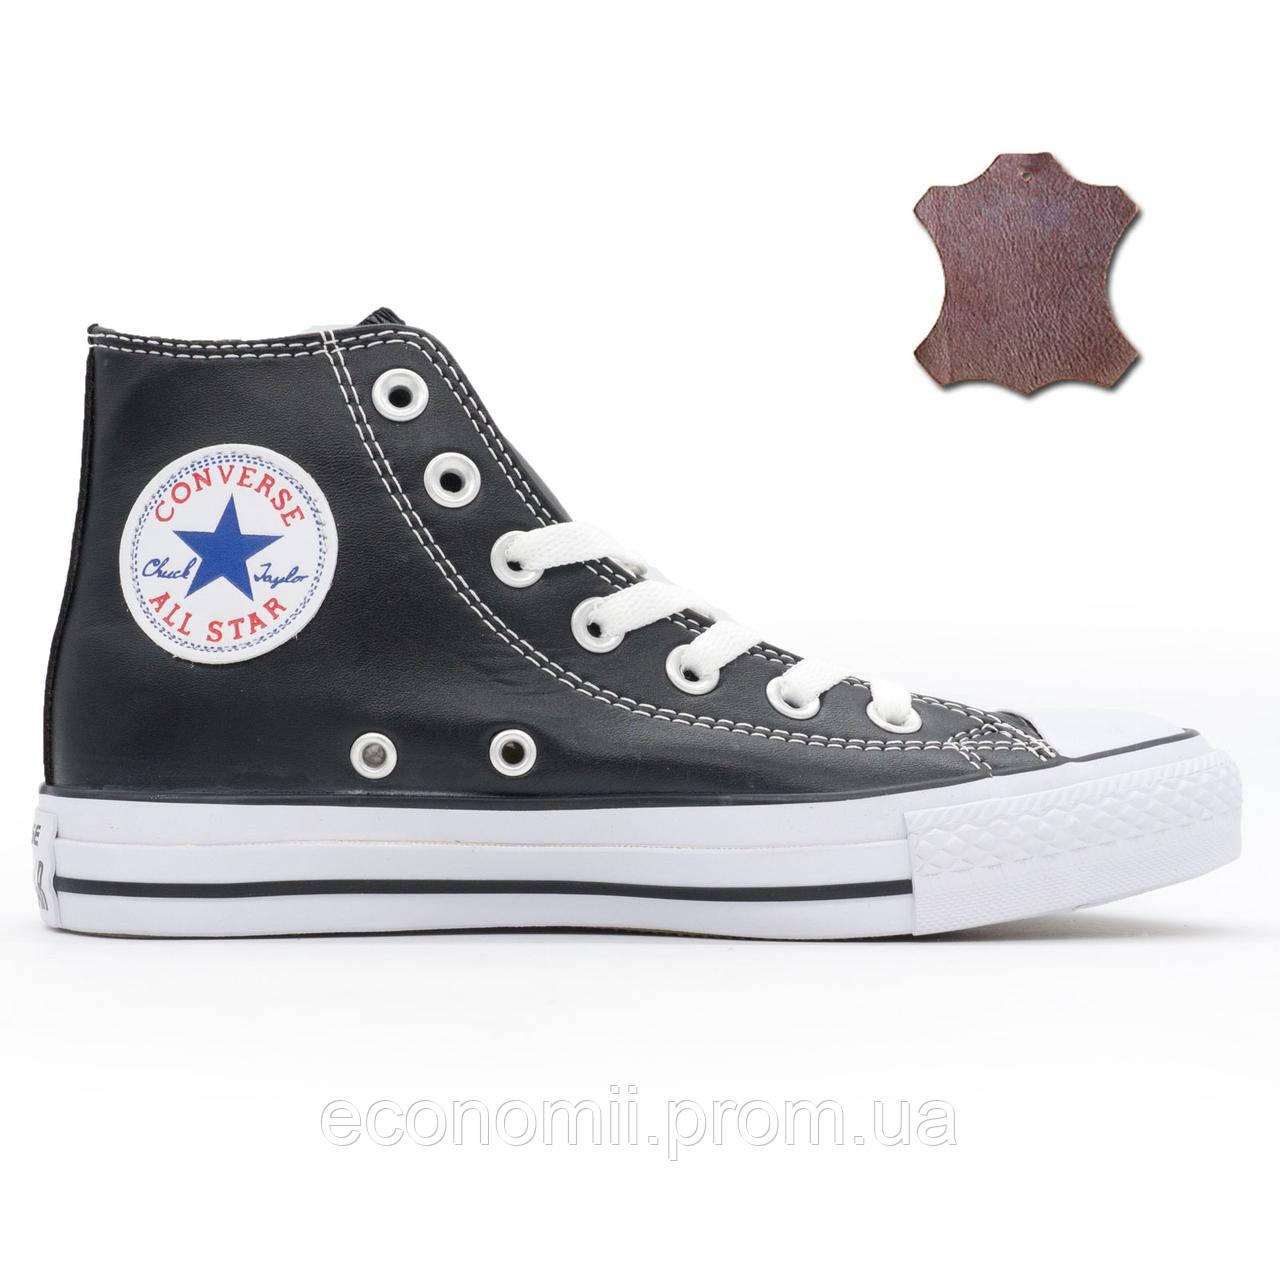 Кожаные кеды Converse (Конверс) высокие черные. Топ качество! - Реплика р. e093c0f9f3eb0